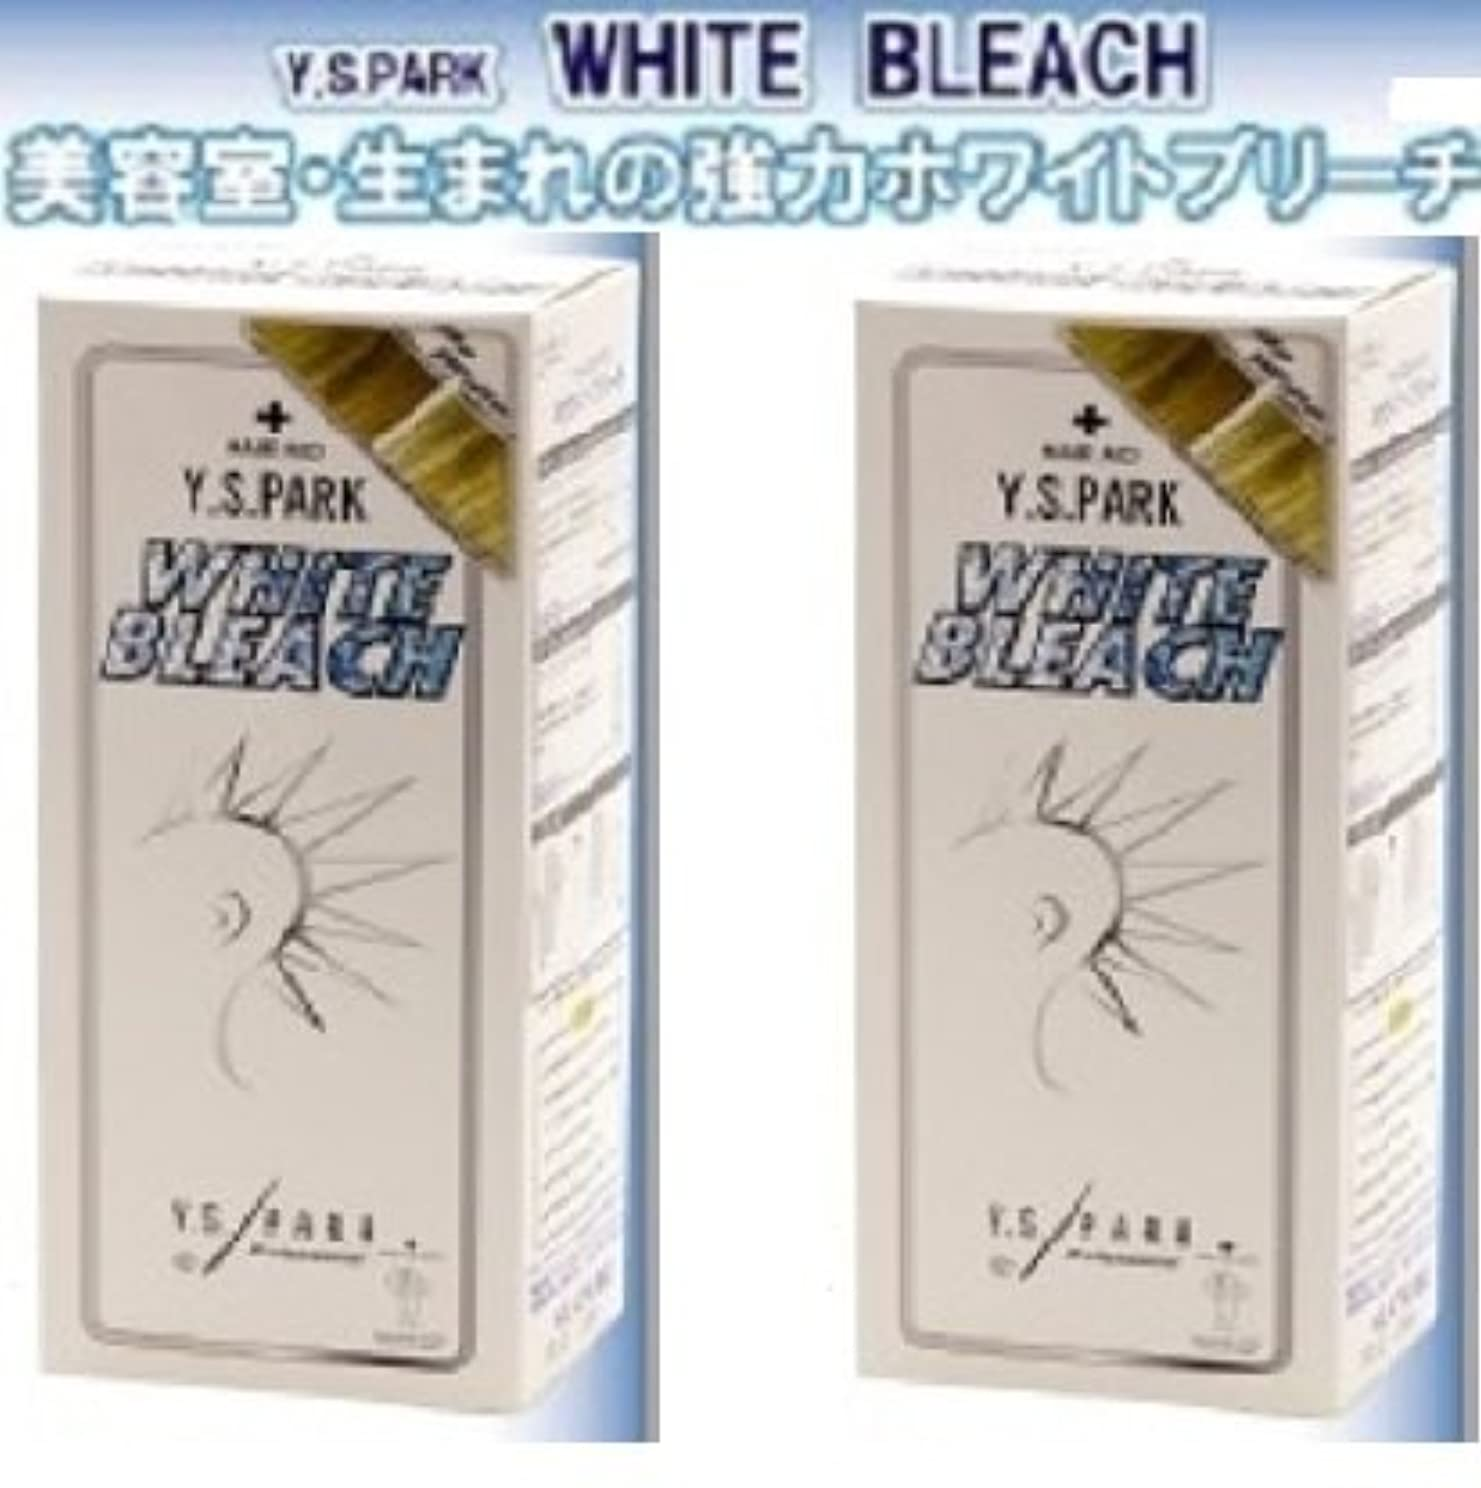 カンガルーぴったり心理的【YSPARK 】ホワイトブリーチ ×2個セット(お得な2個組)美容室生まれの強力ホワイトブリーチ